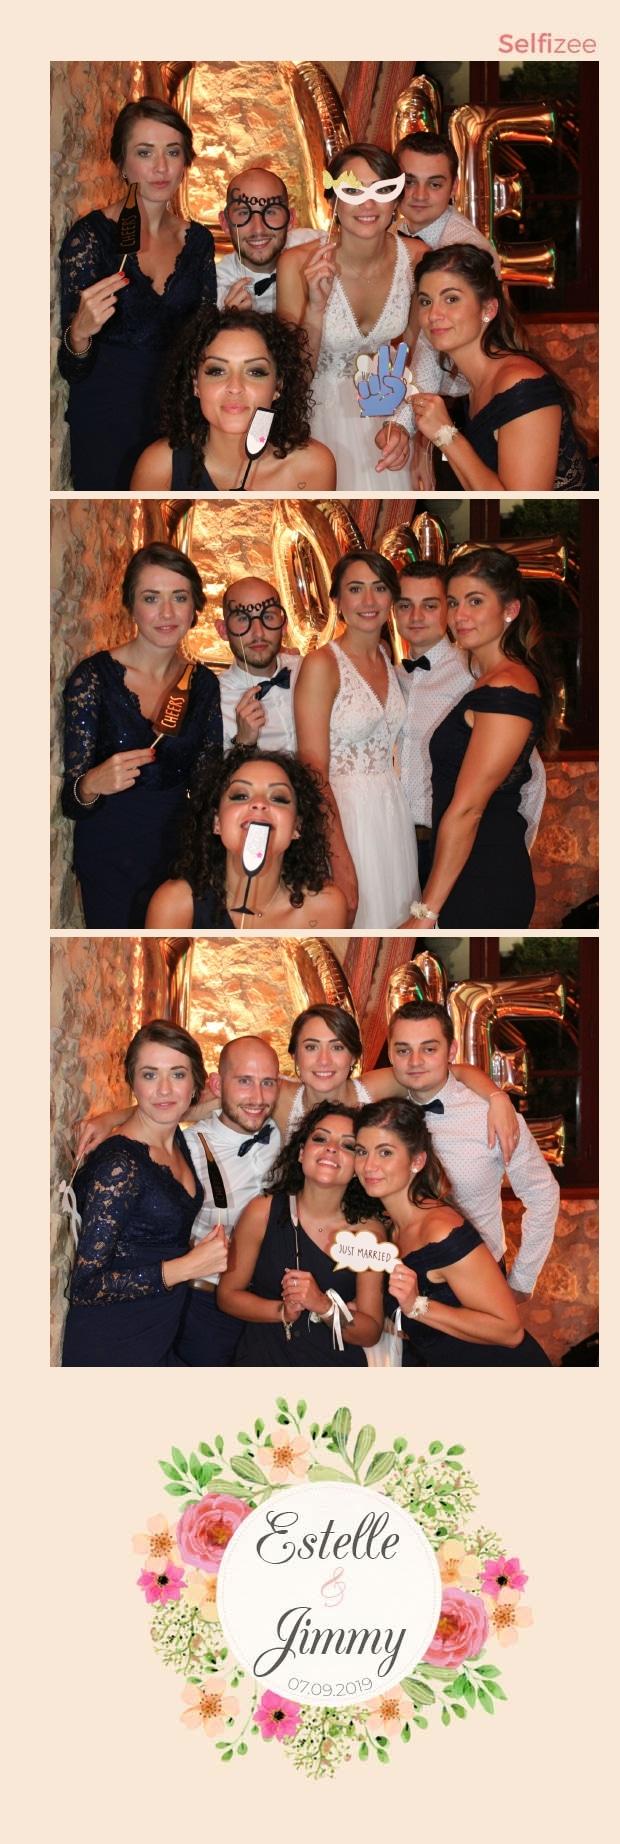 Animation photobooth mariage avec impressions selfies - location borne photo Clermont Ferrand / Puy de Dôme pour animation mariage, anniversaire, baptême, fête, soirée